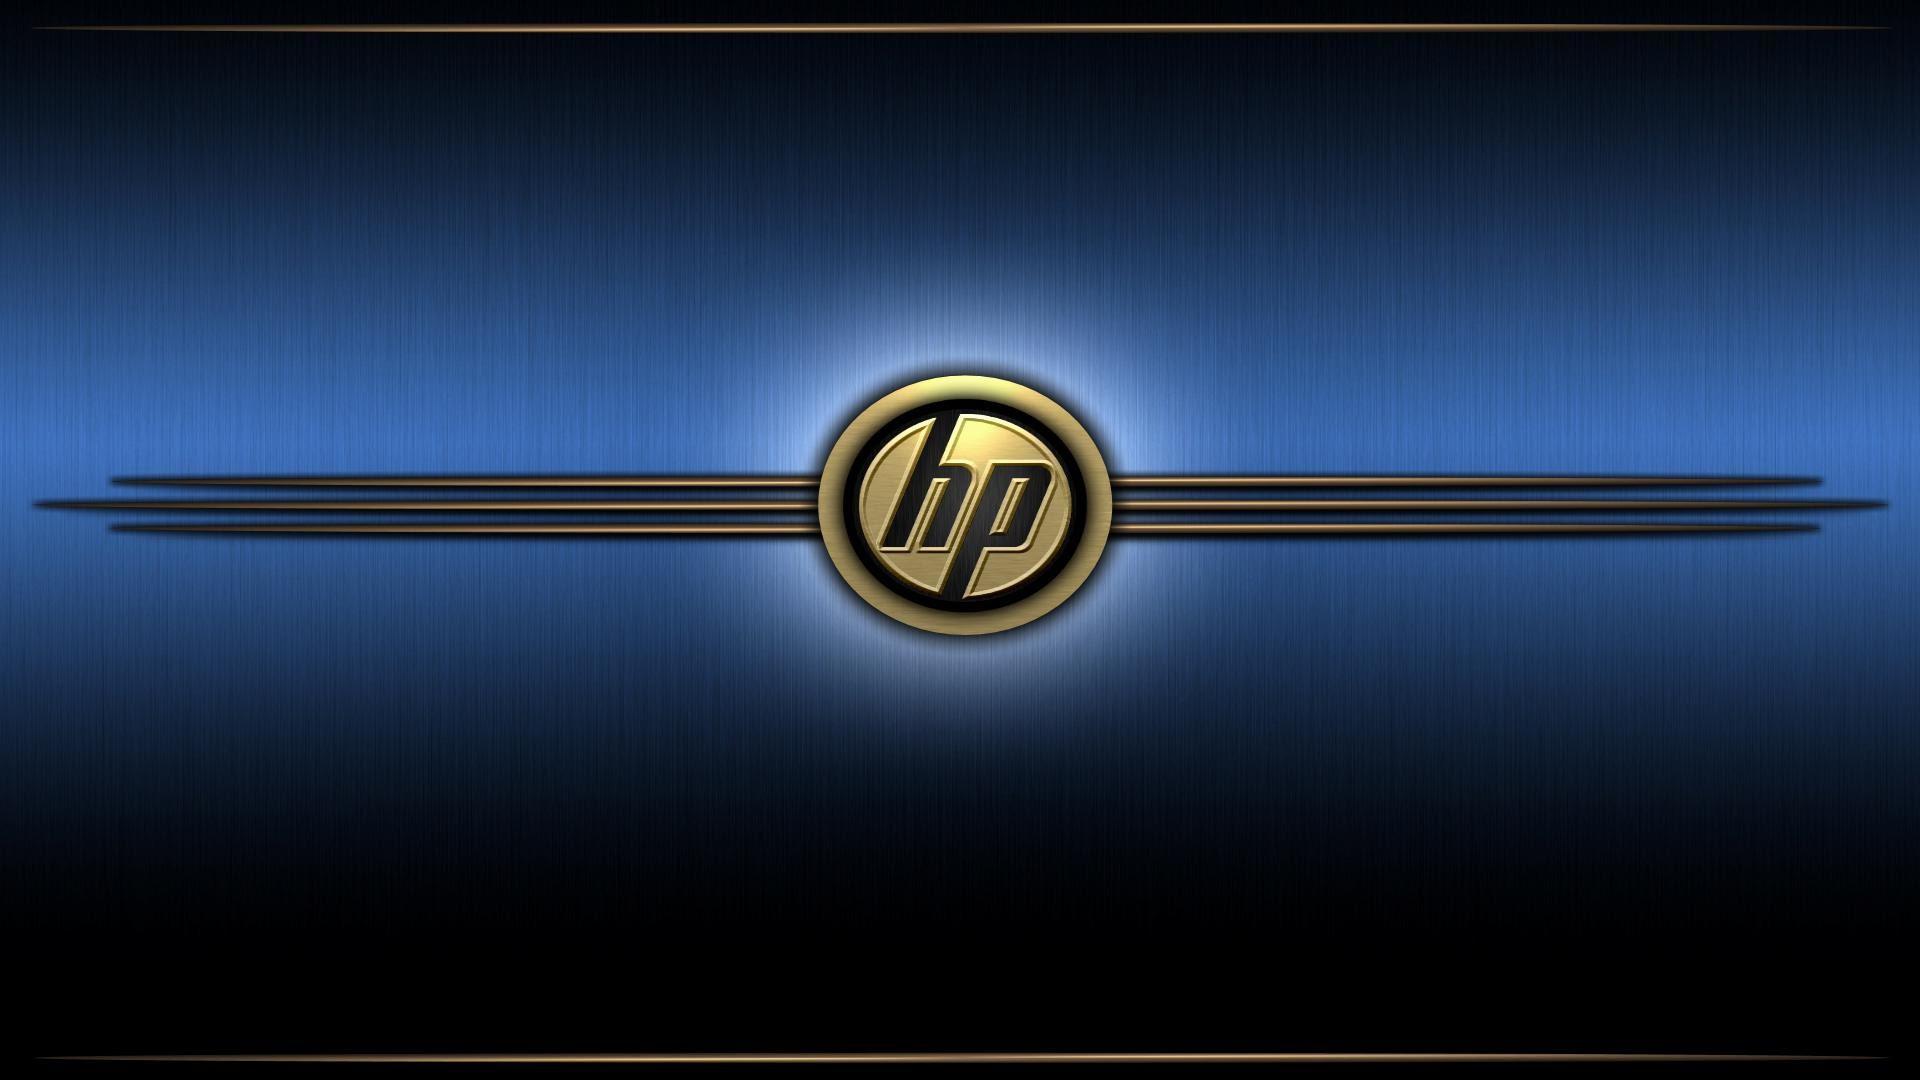 45 Koleksi Wallpaper Hp Gold HD Terbaru